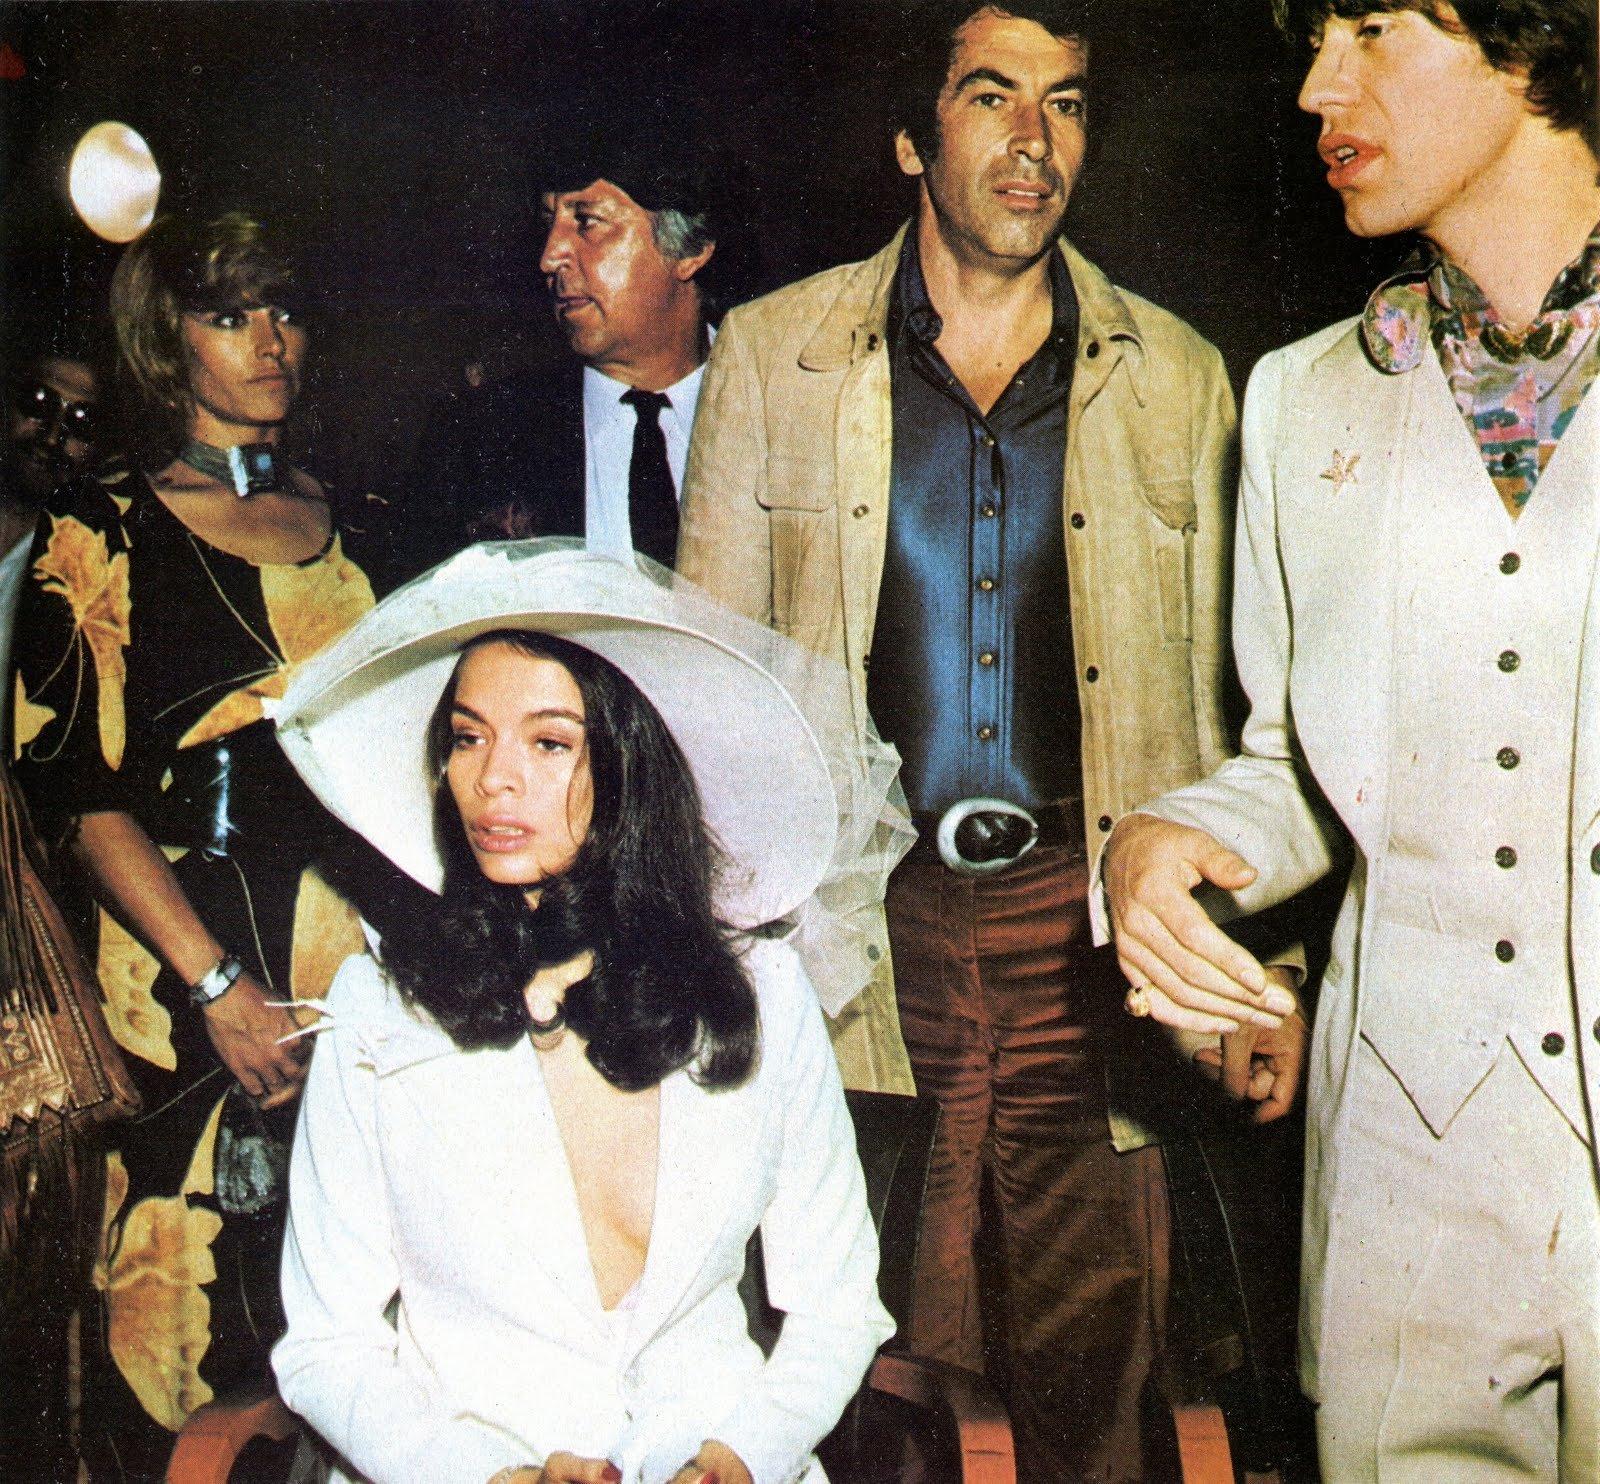 10 главных женщин в жизни рок-музыканта мика джаггера: шоу-бизнес.